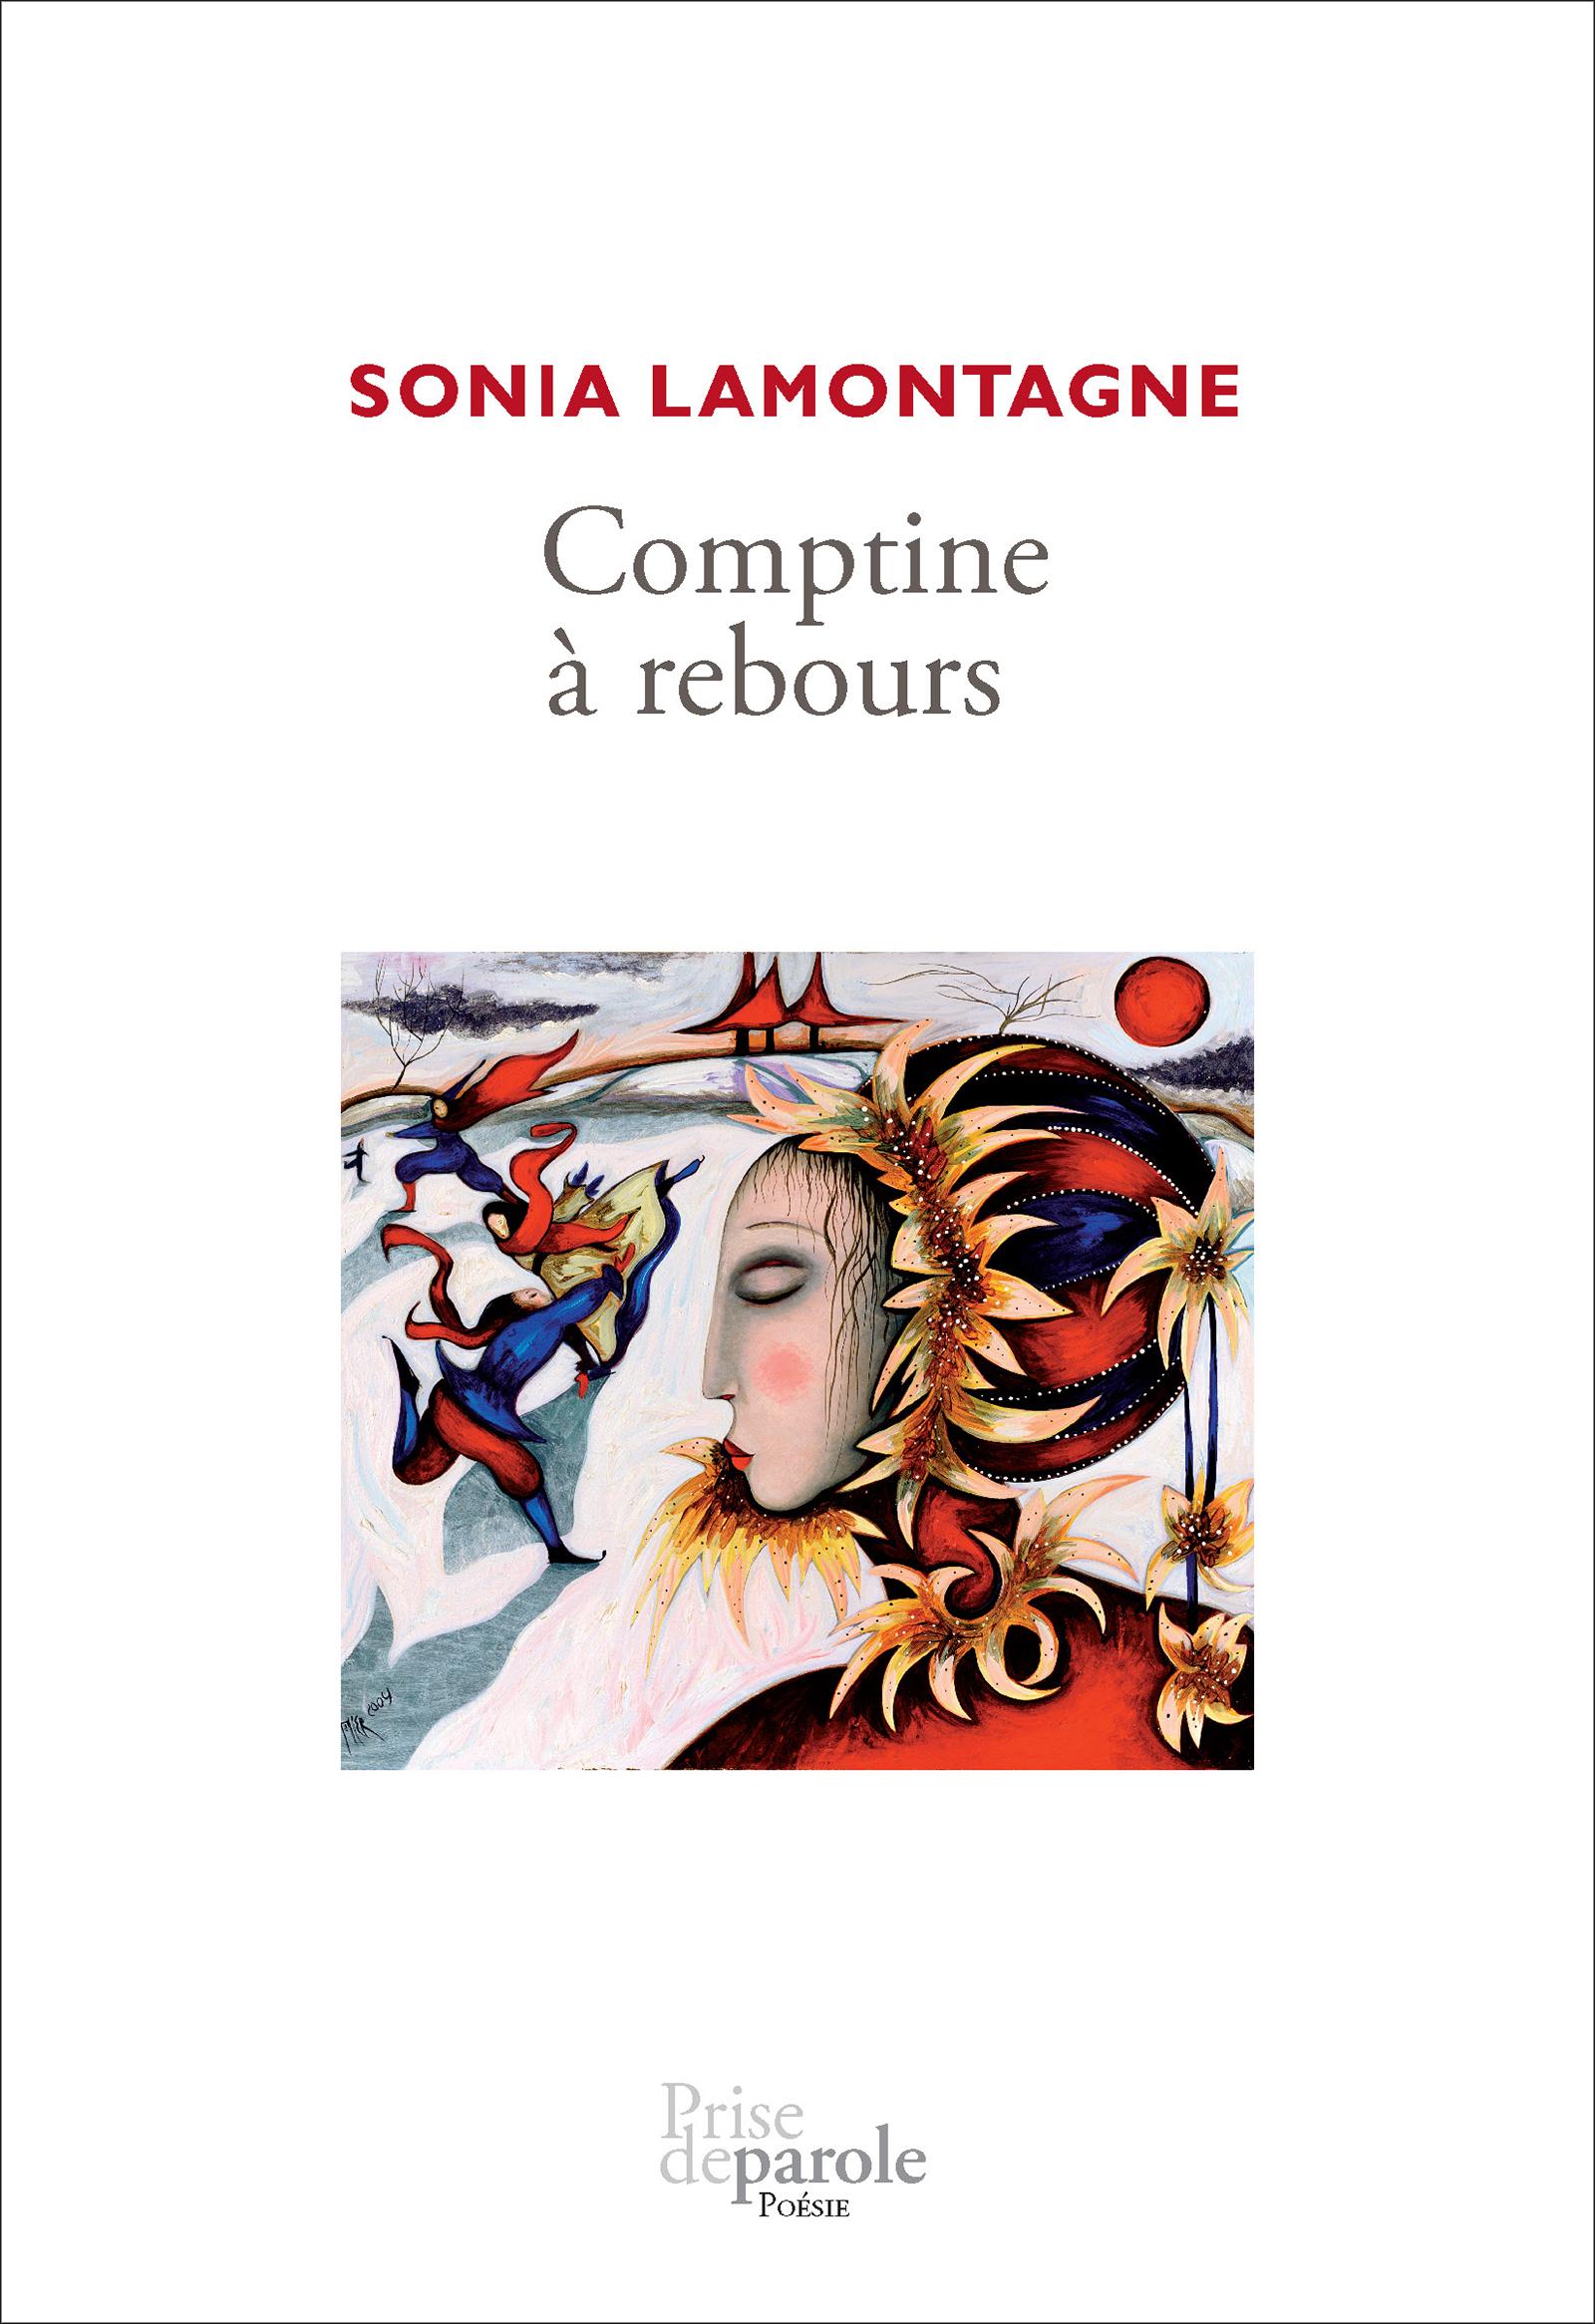 Couverture : Comptine à rebours Sonia Lamontagne